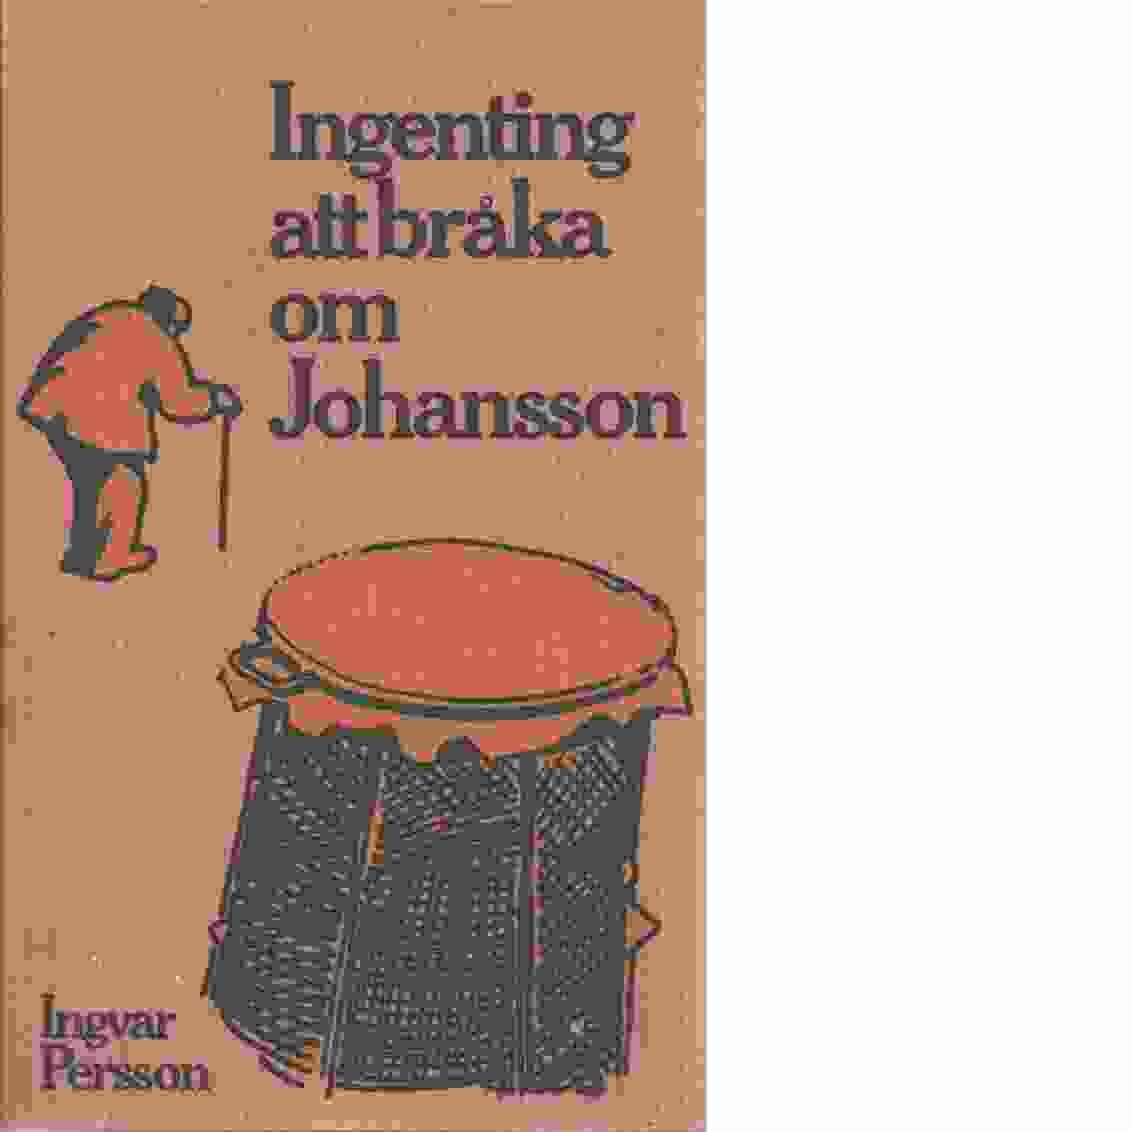 Ingenting att bråka om Johansson - Persson, Ingvar